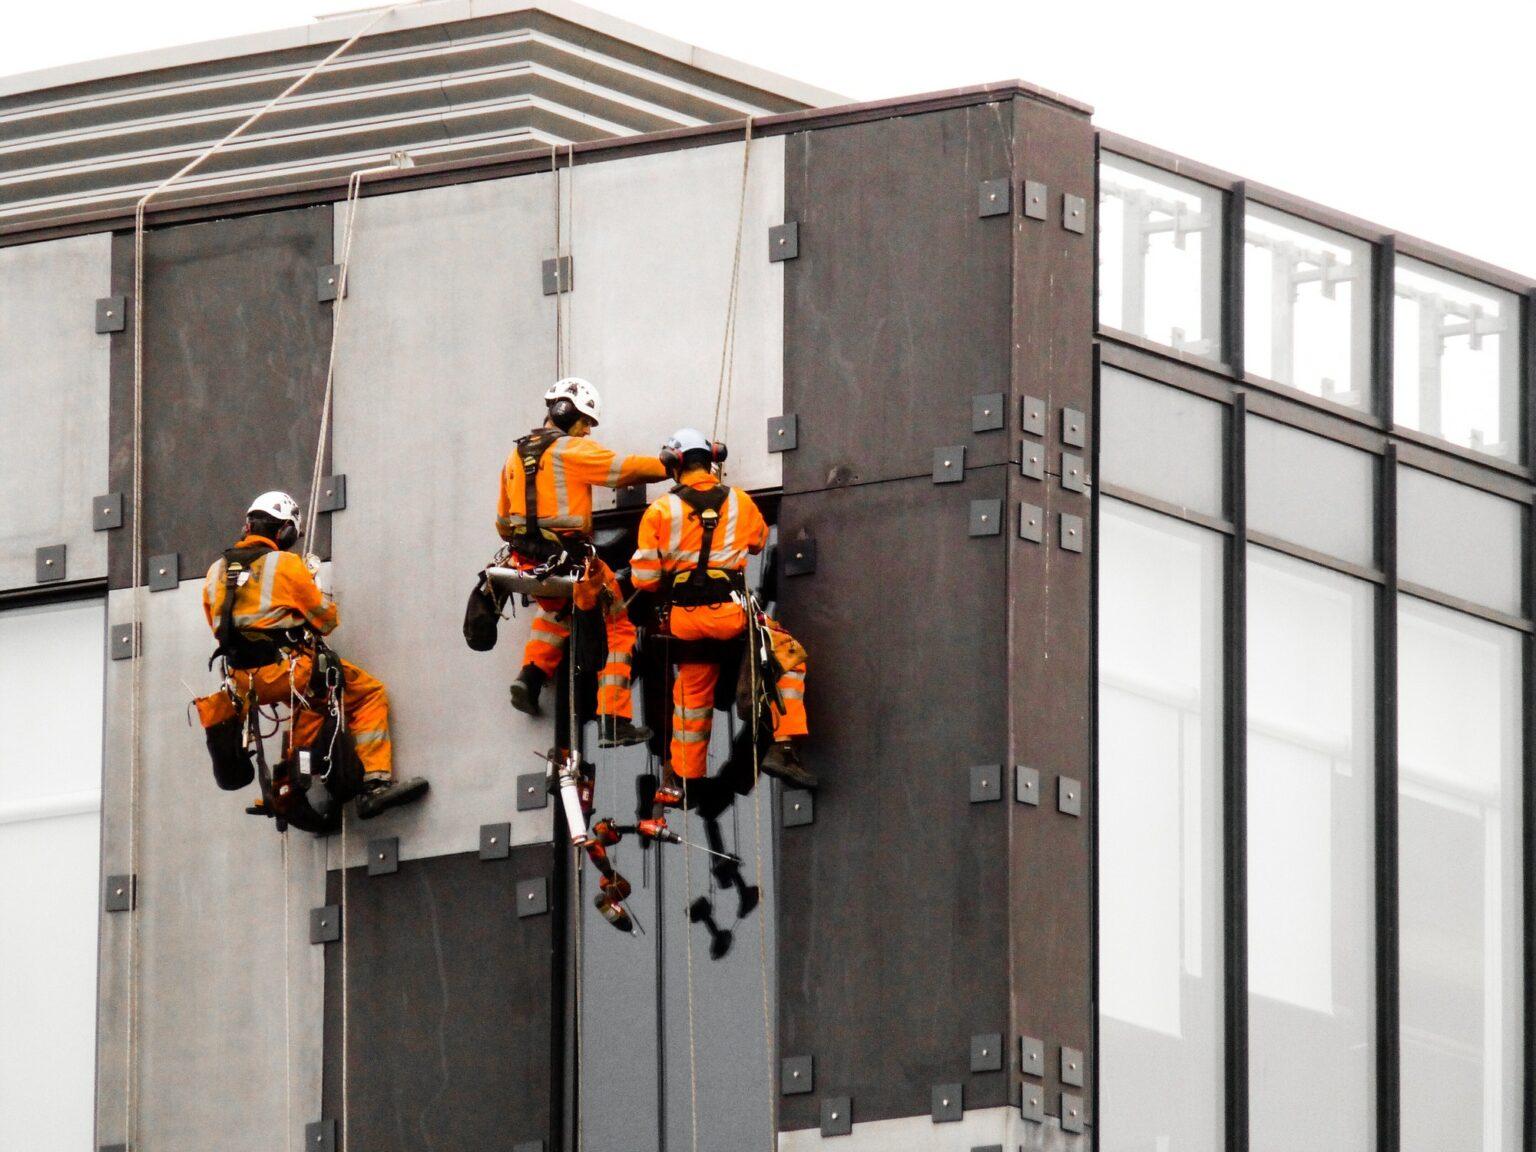 Three workmen working safely